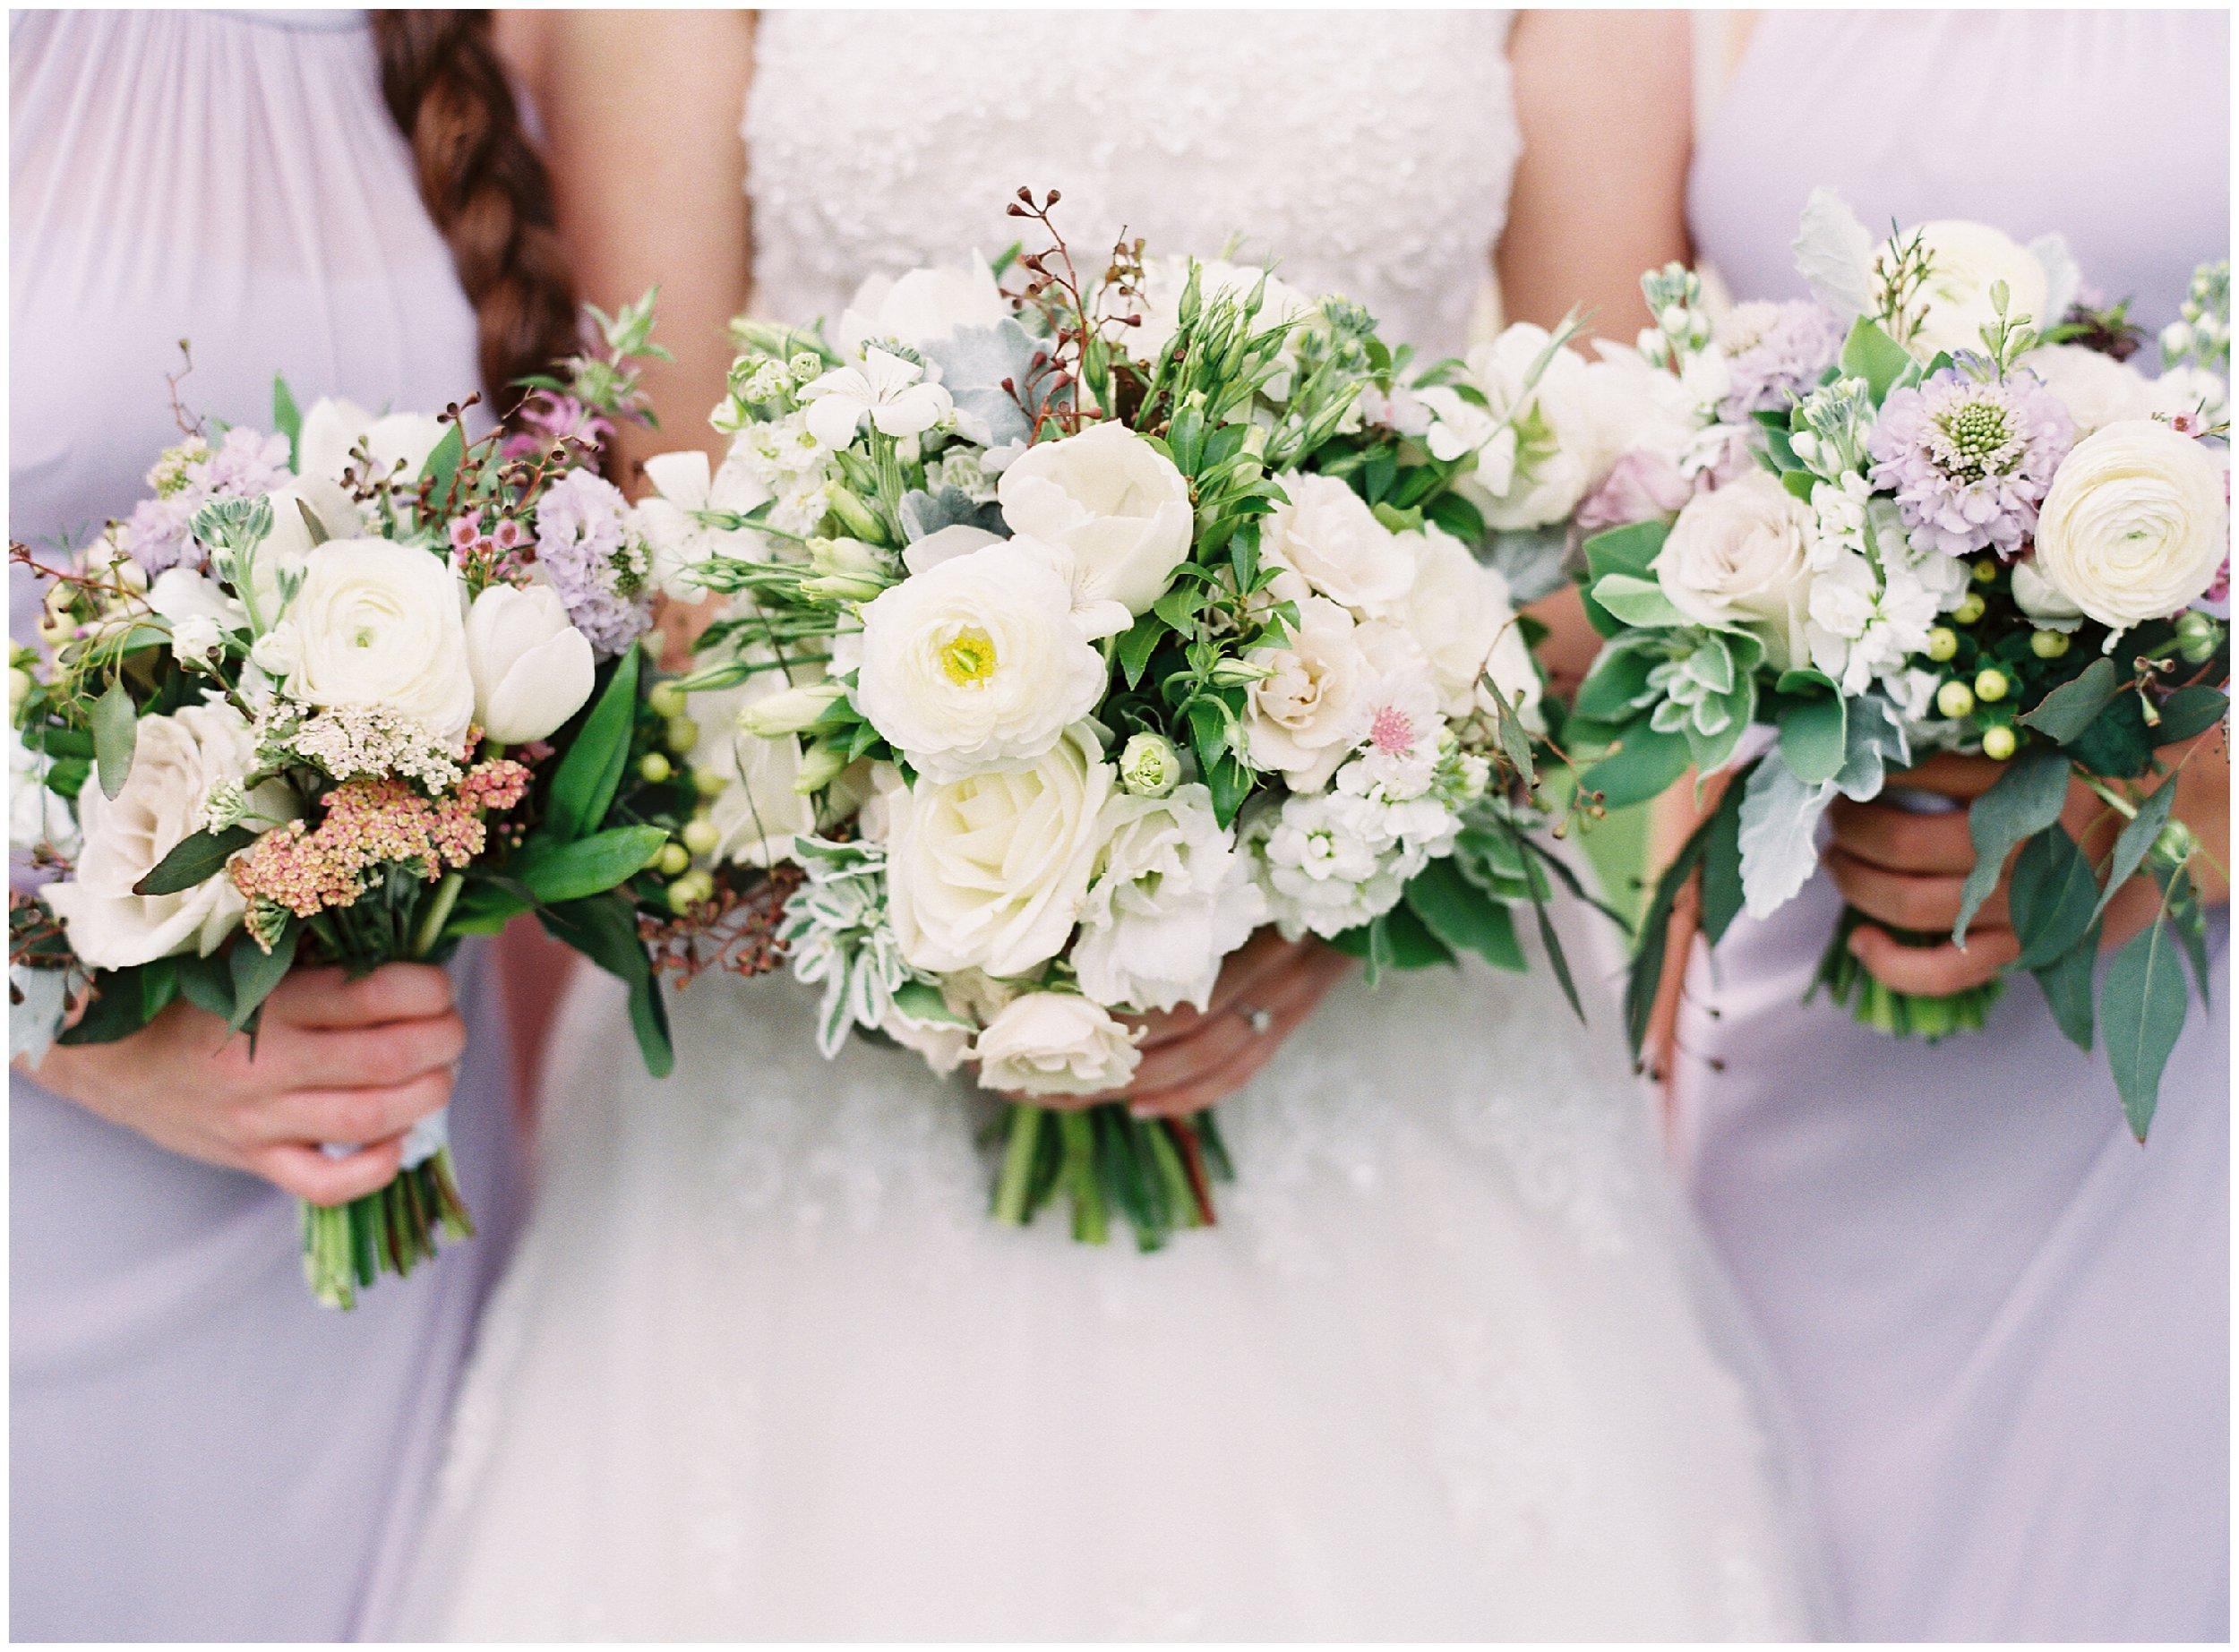 bouqet details gorgeous flowers